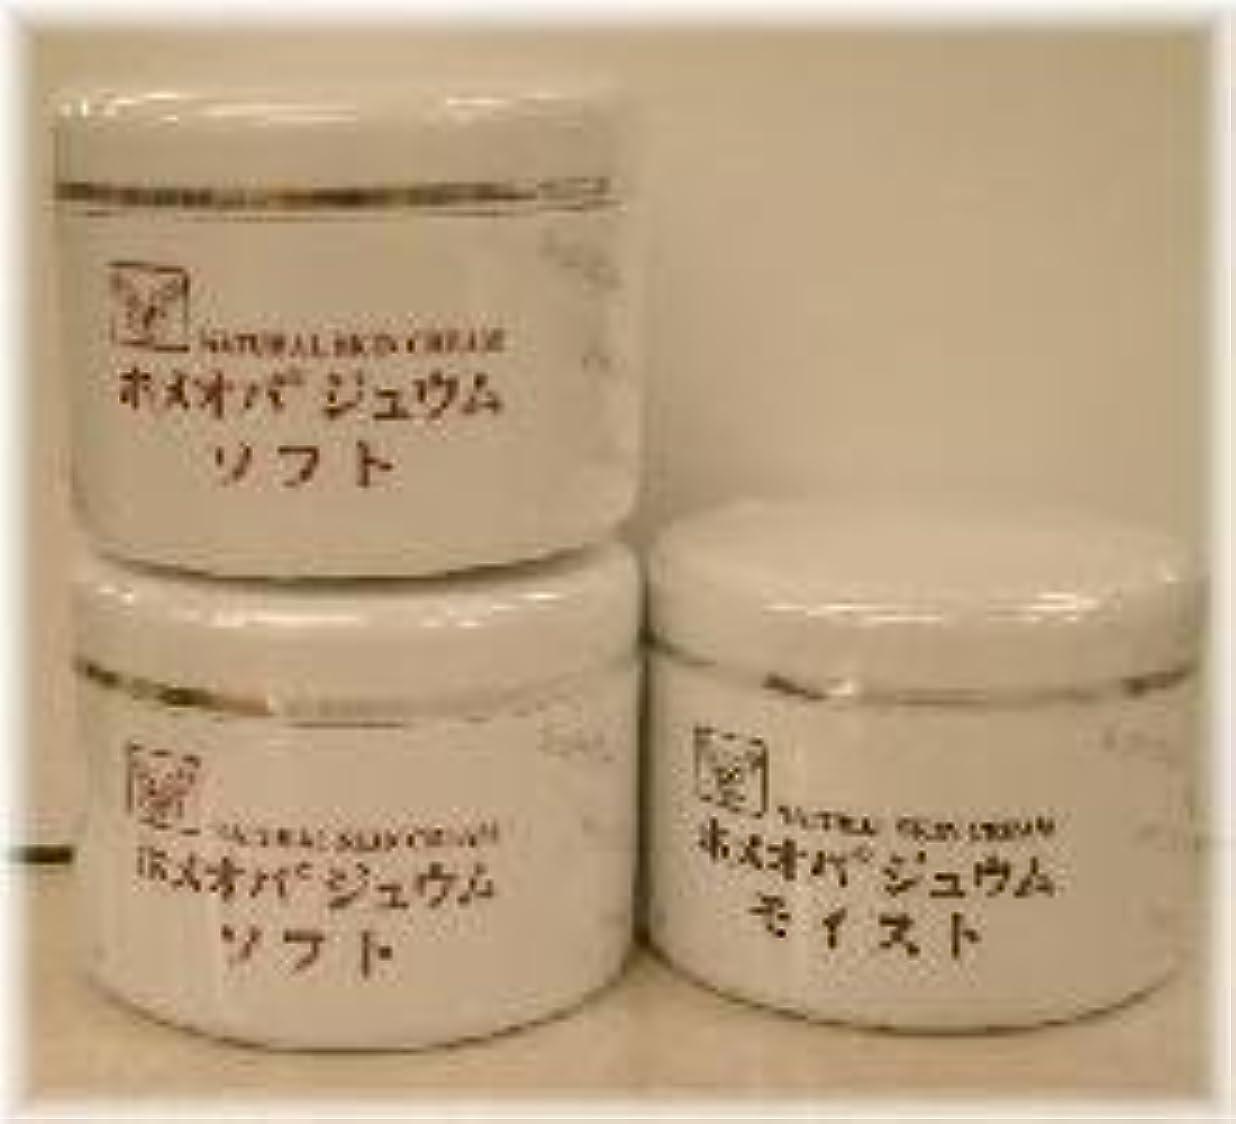 肌希少性剥ぎ取るホメオパジュウム スキンケア商品3点 ¥10500クリームソフト2個+クリームモイスト